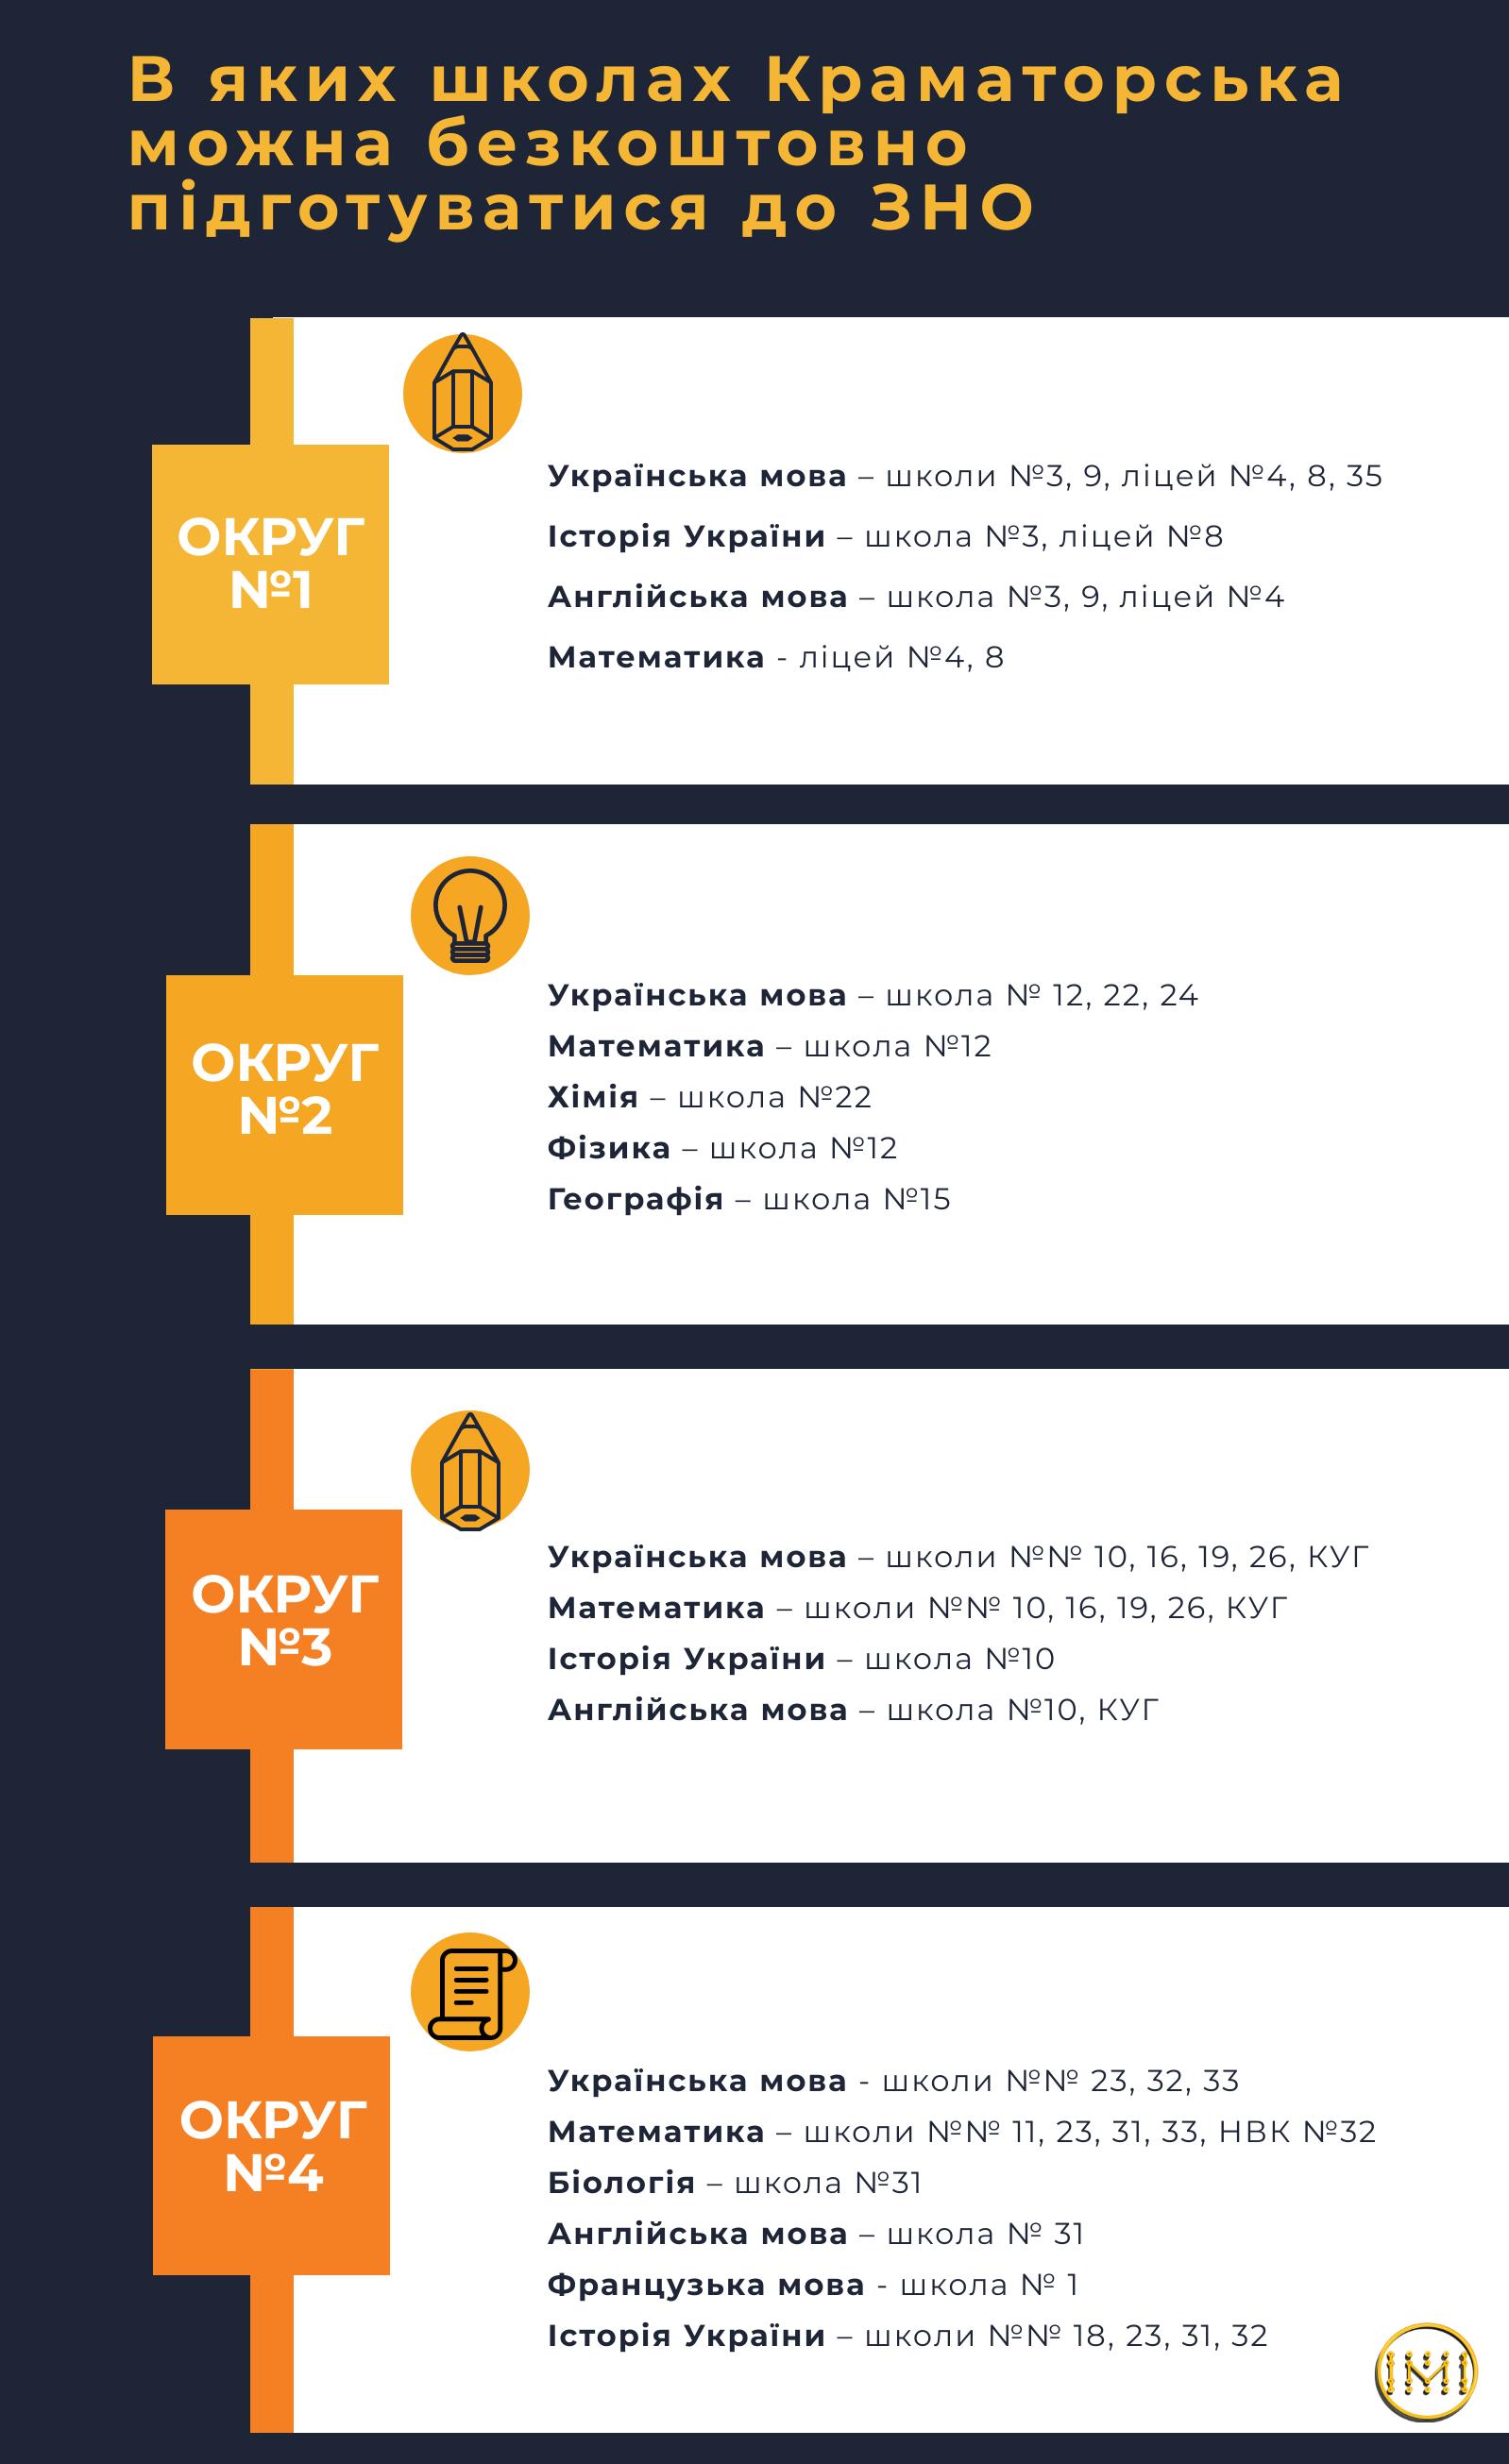 Консультаційні пункти підготовки до ЗНО Краматорська - Фото №1